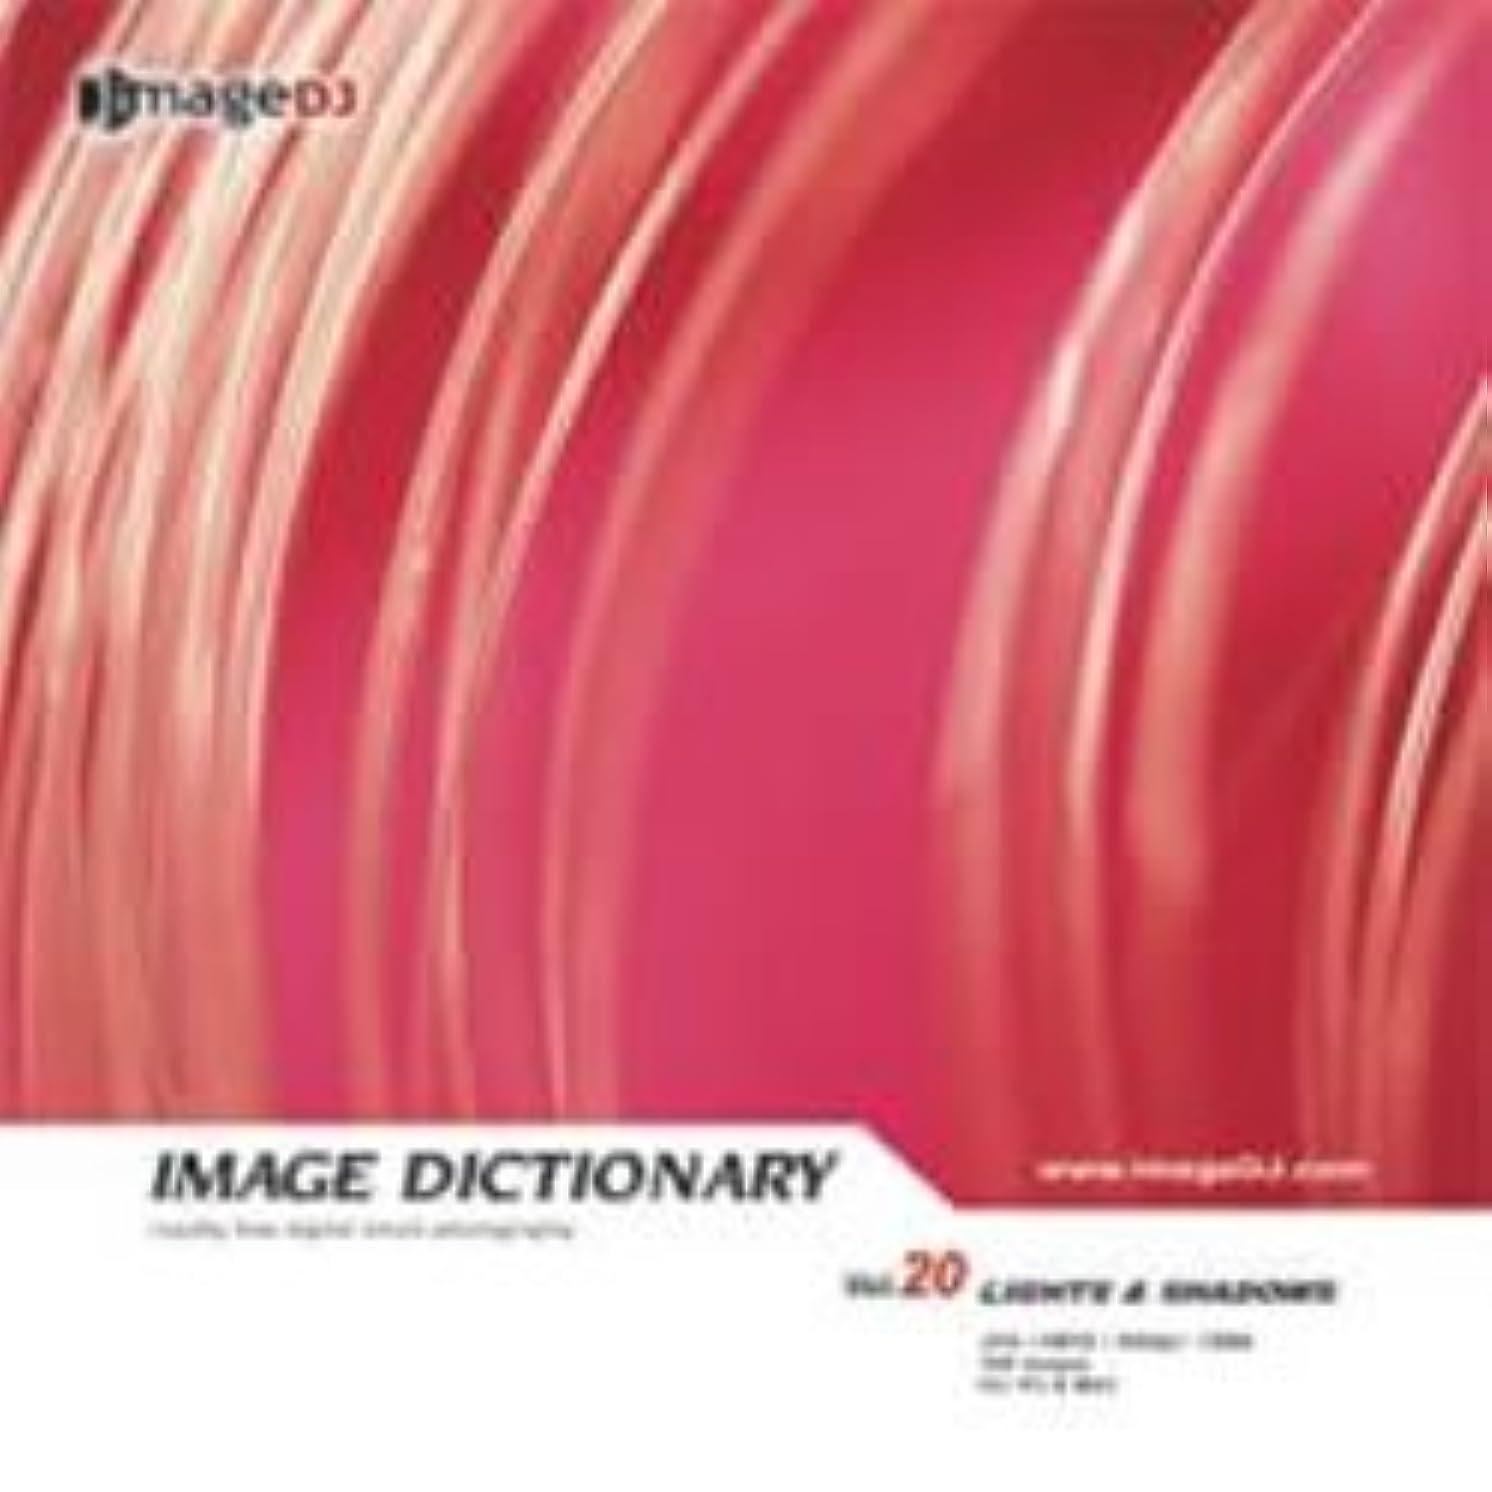 イメージ ディクショナリー Vol.20 光と影